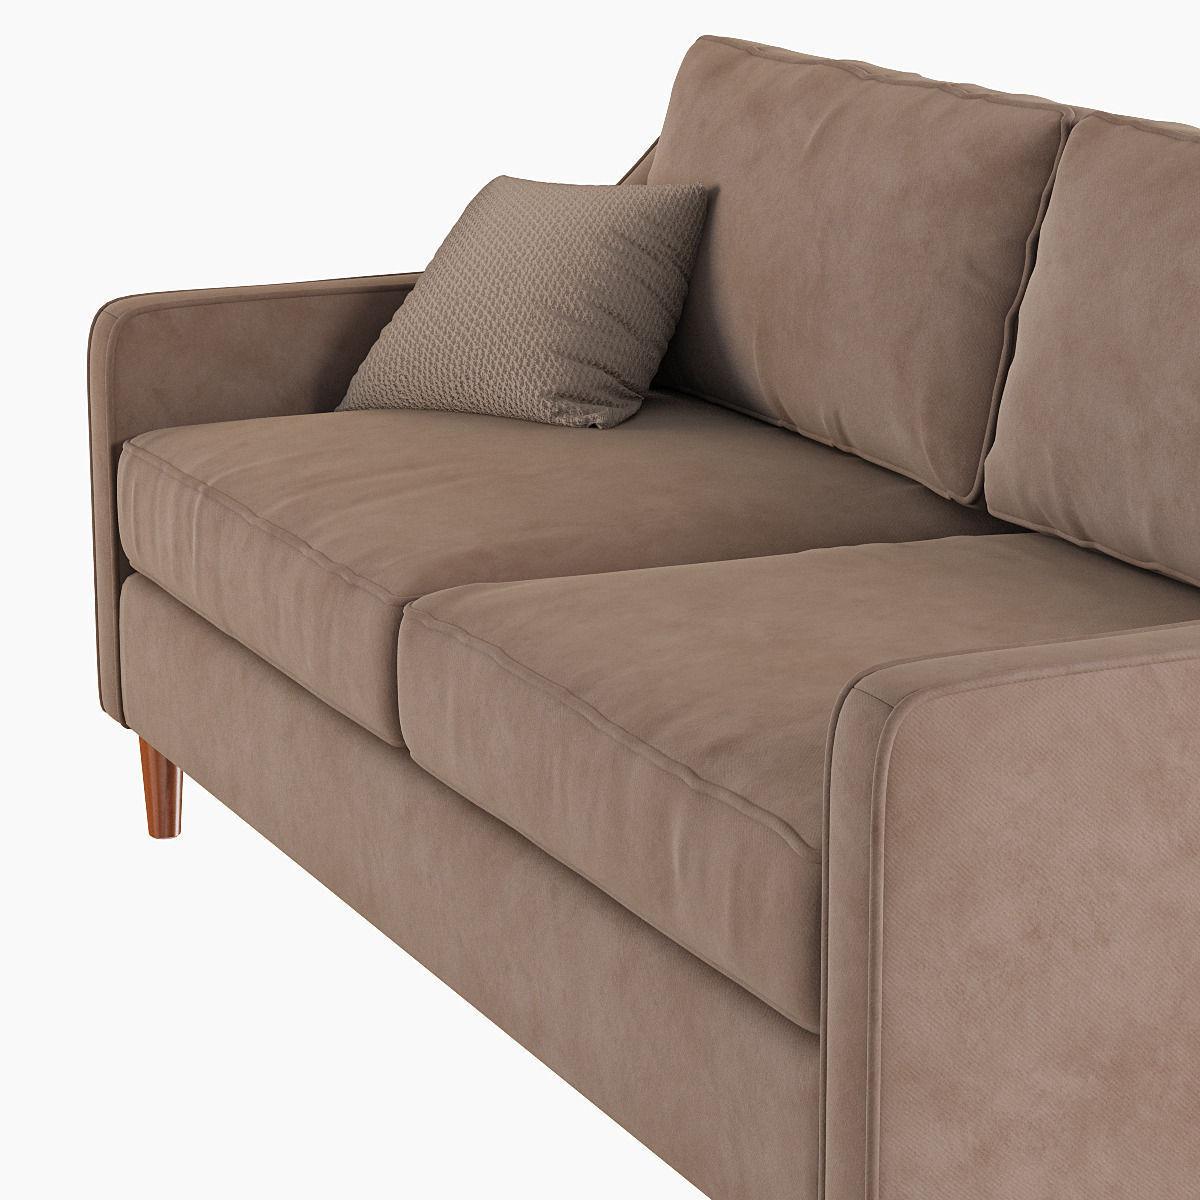 west elm paidge sofa sleeper baci living room. Black Bedroom Furniture Sets. Home Design Ideas